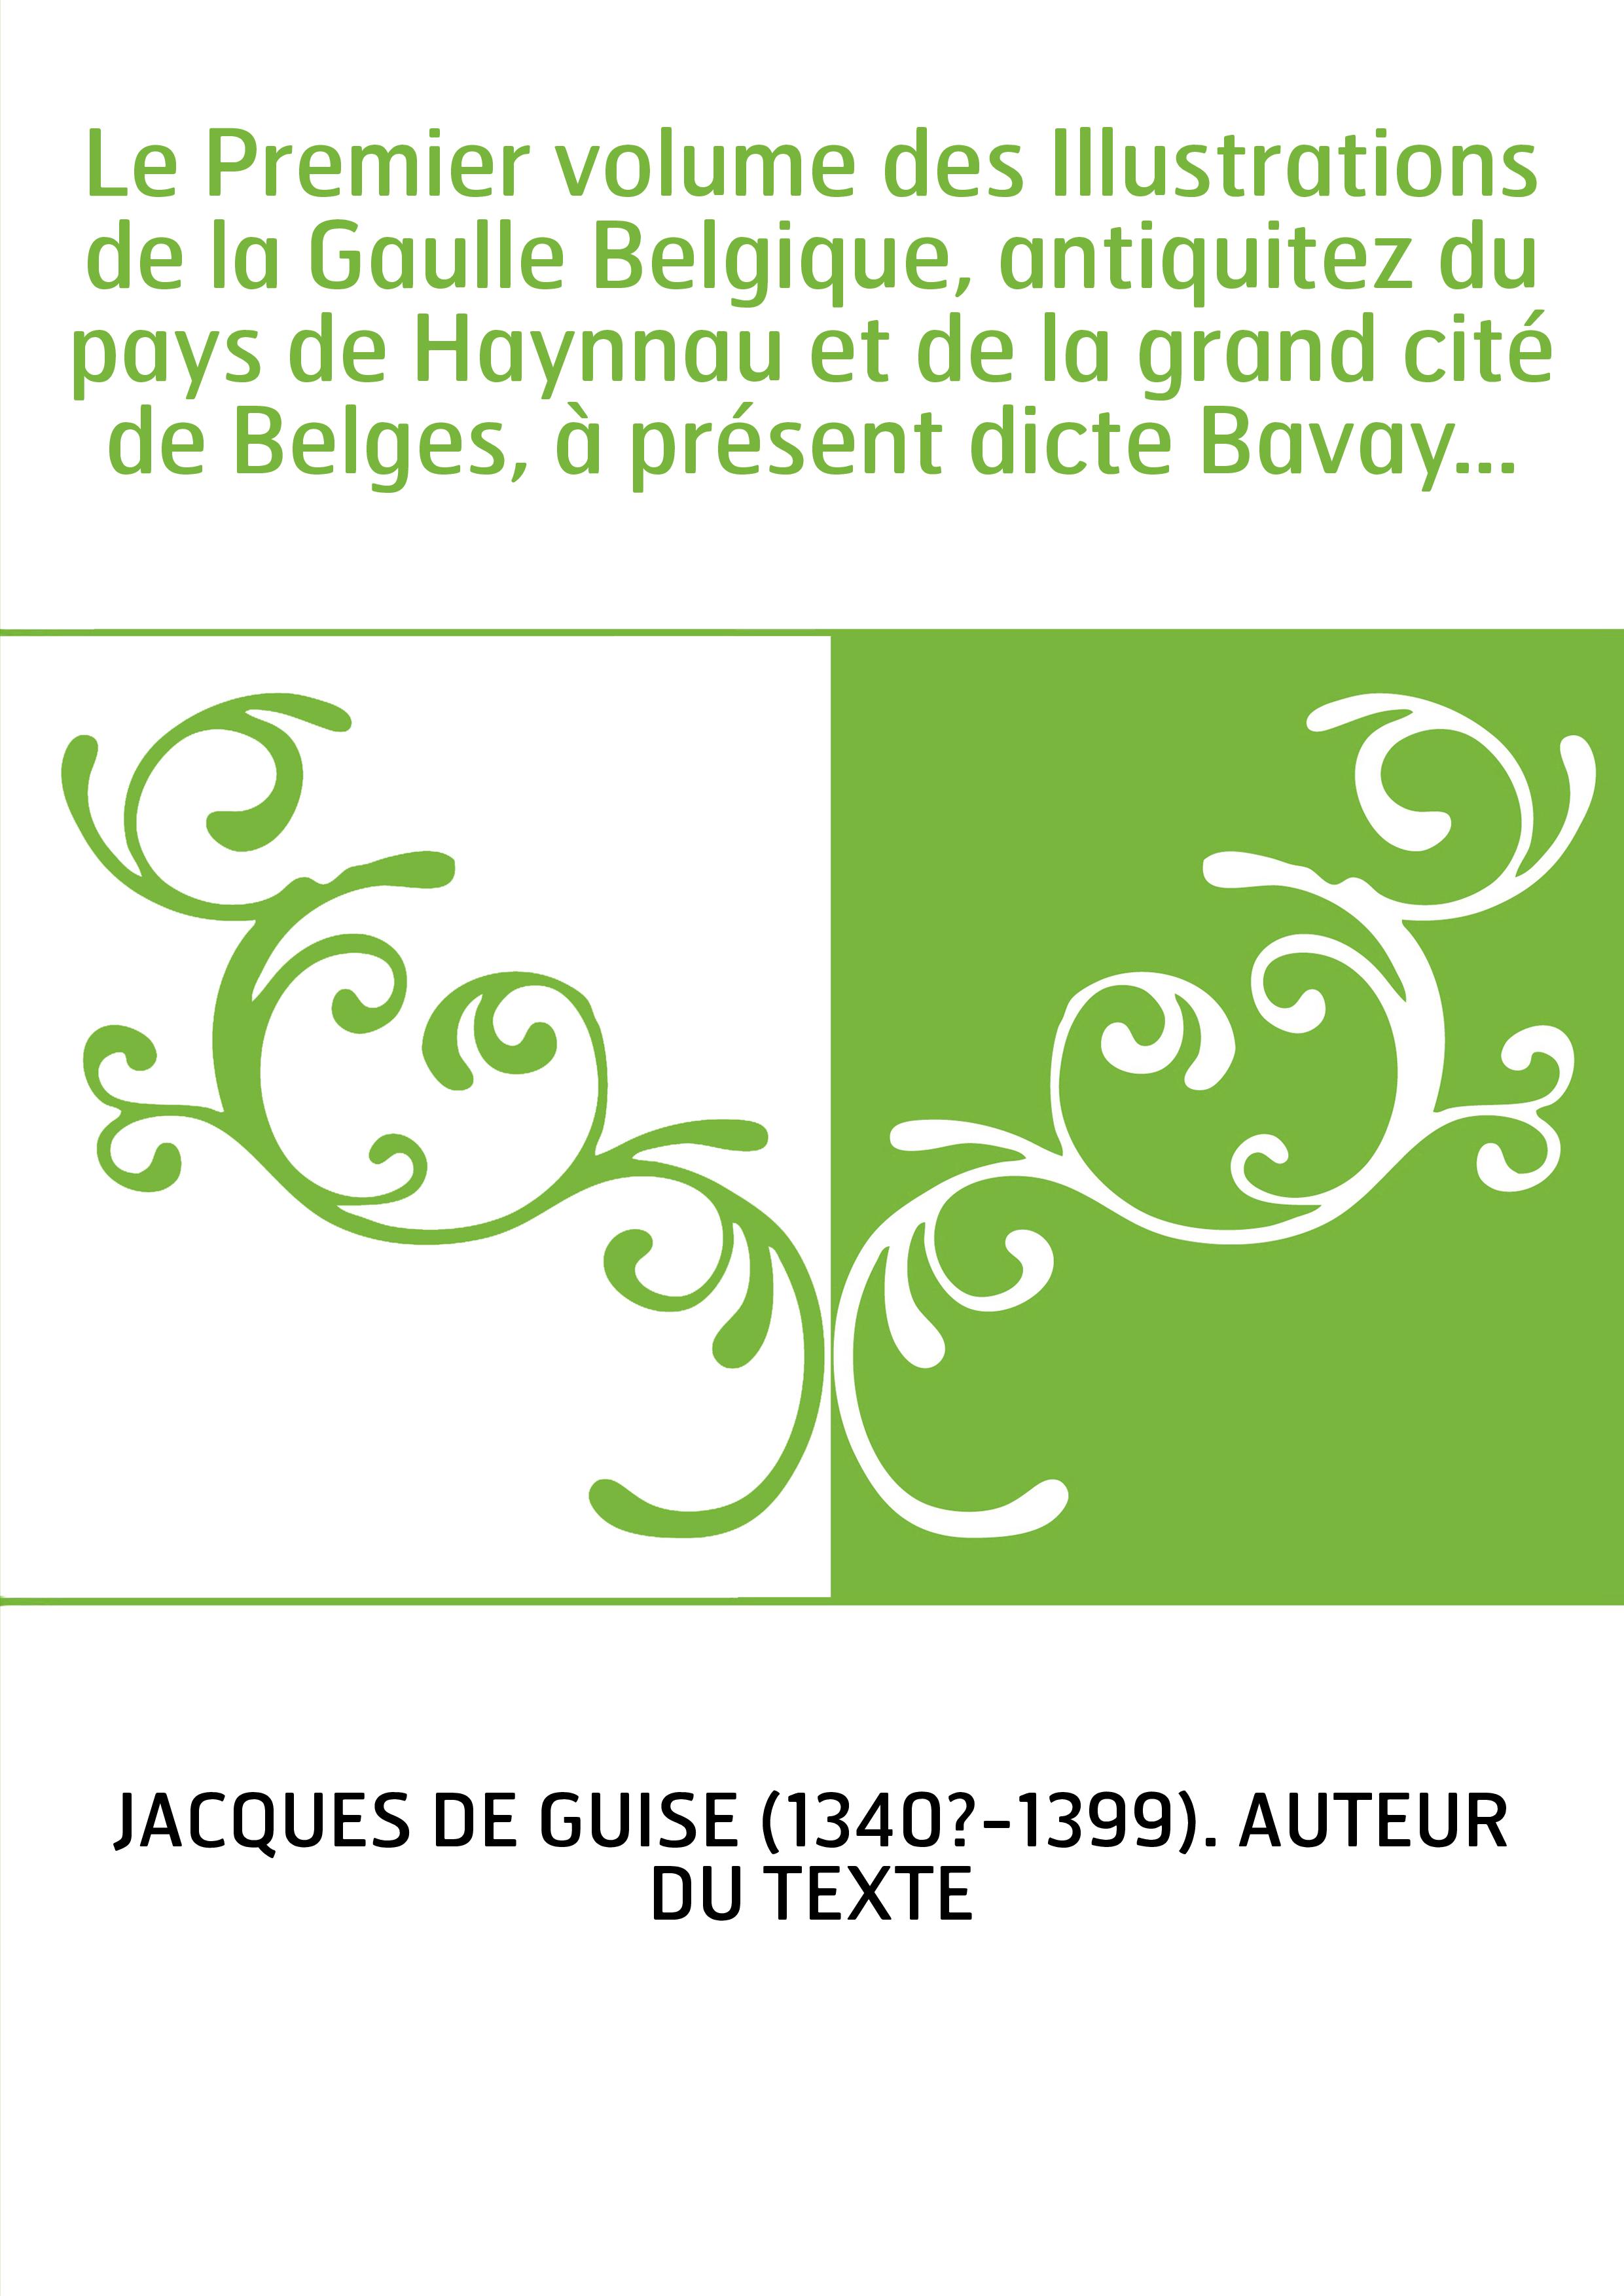 Le Premier volume des Illustrations de la Gaulle Belgique, antiquitez du pays de Haynnau et de la grand cité de Belges, à présen